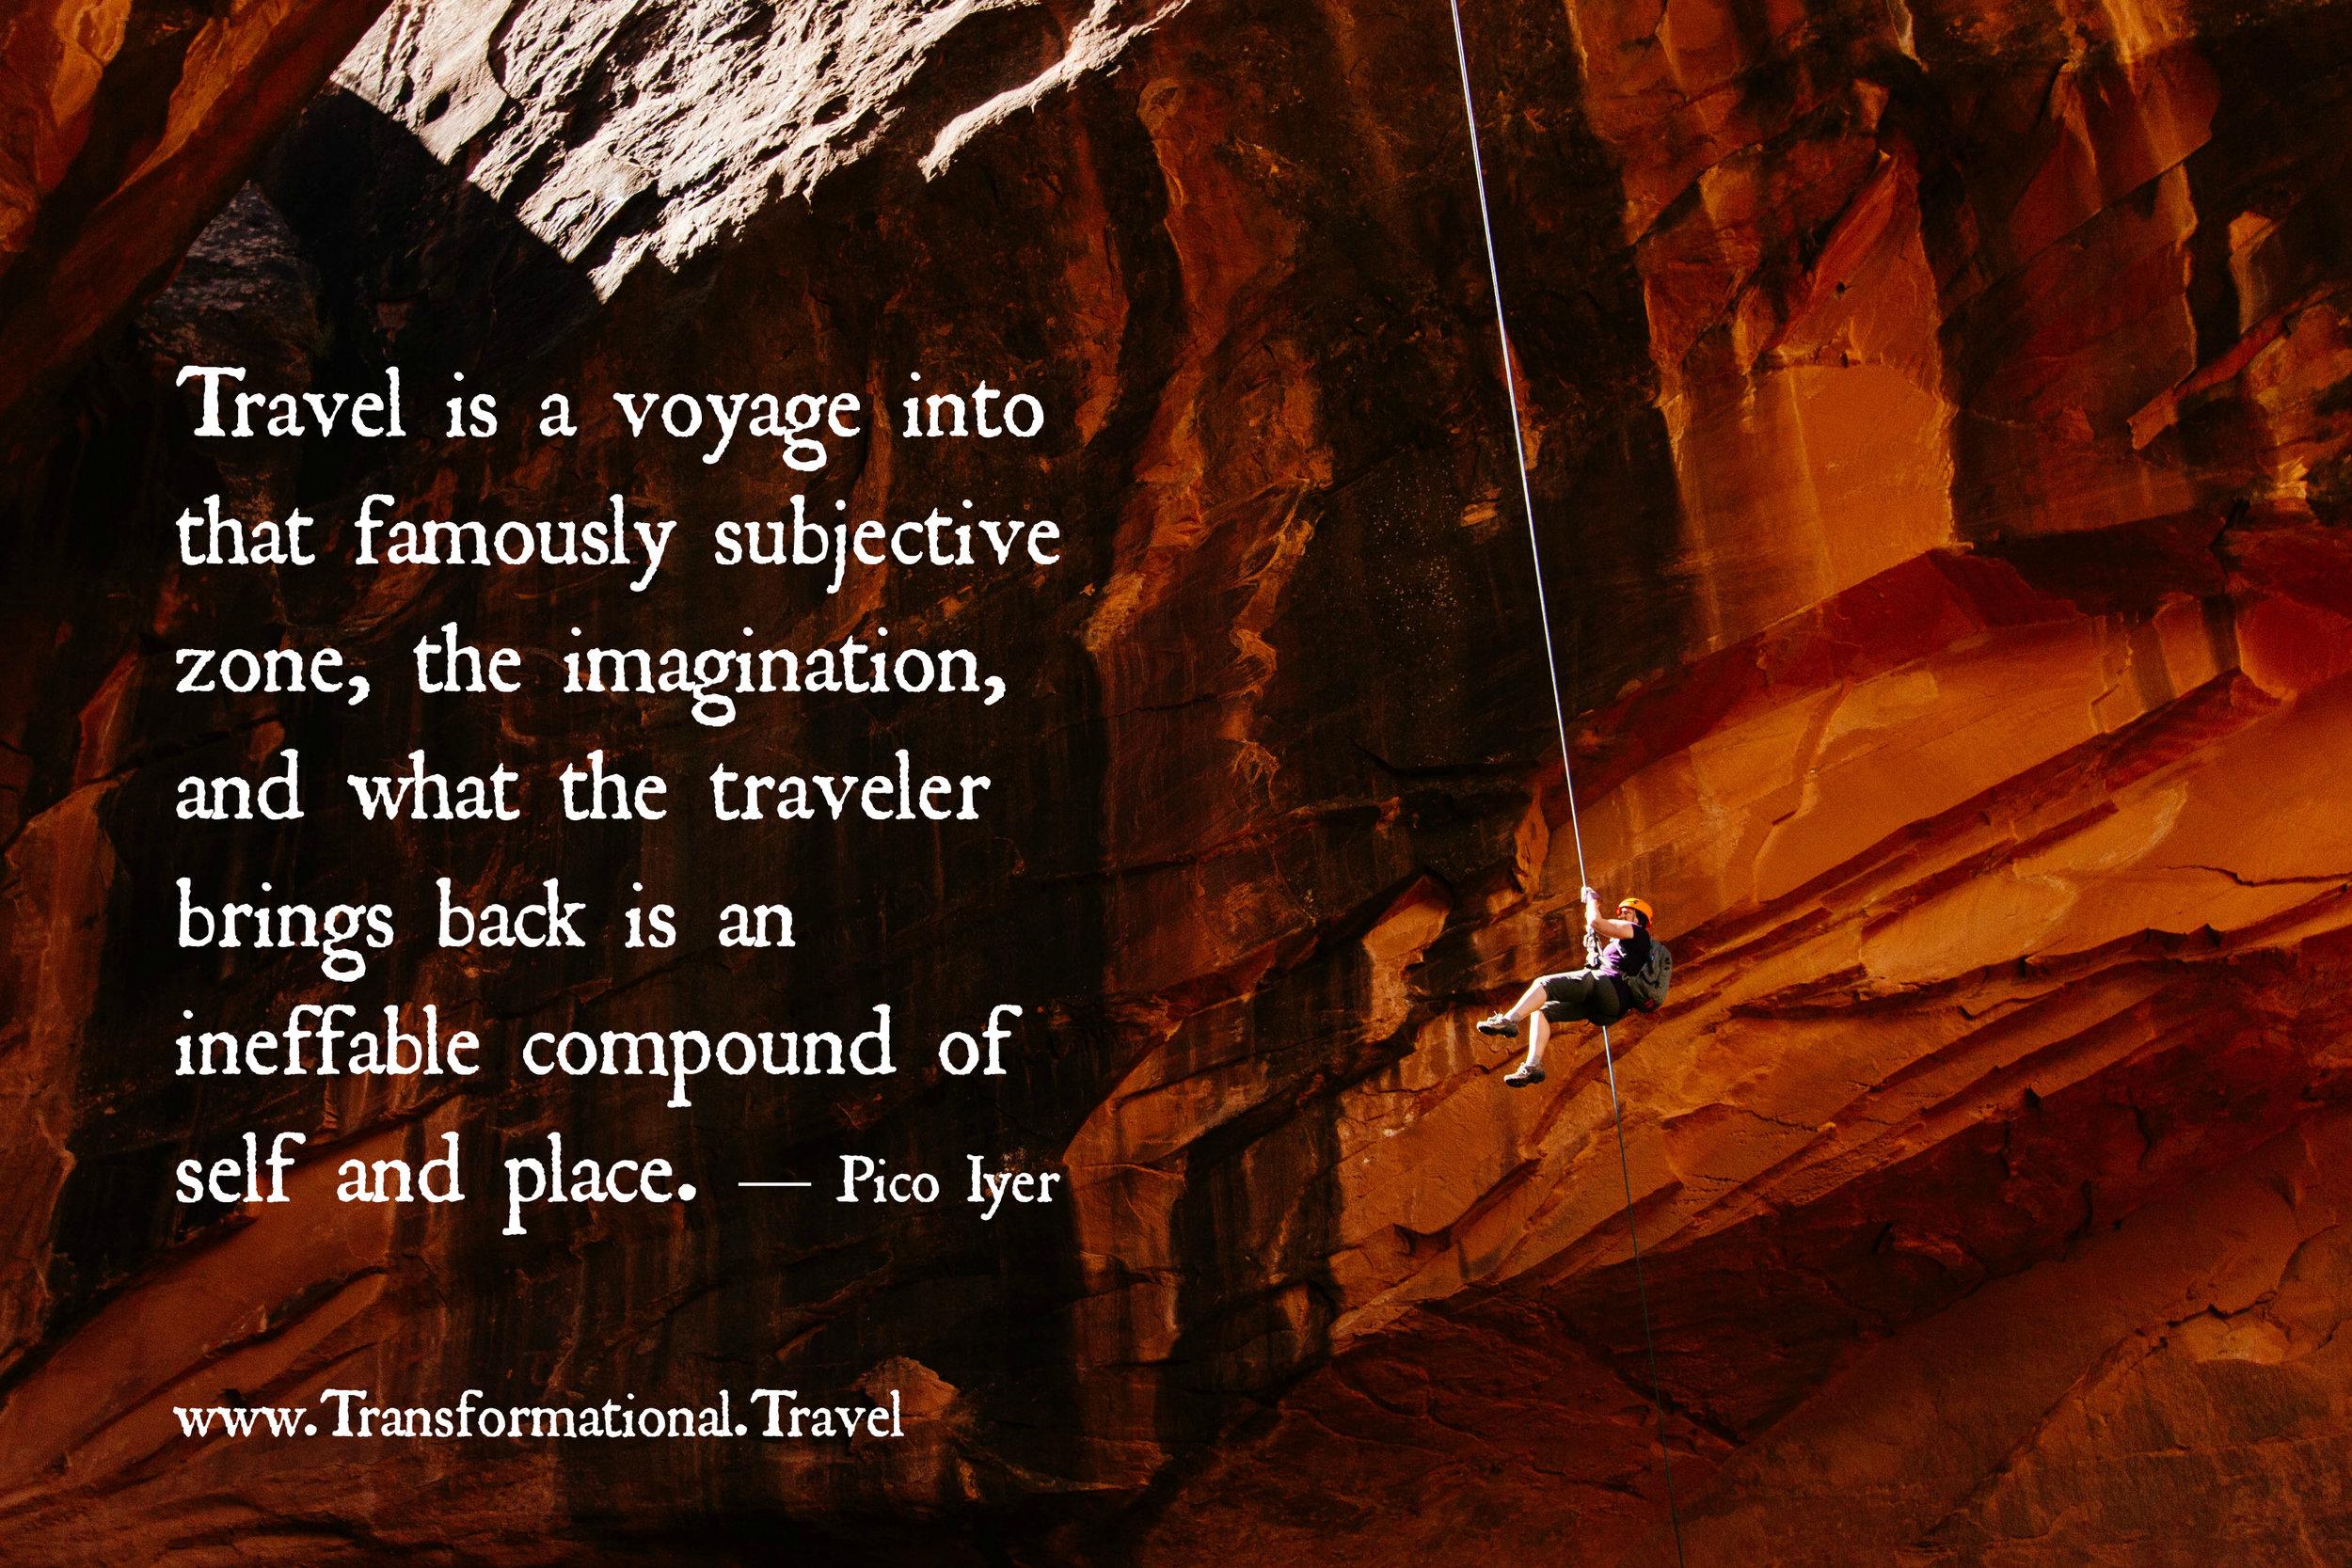 Iyer-TravelCompound.jpg